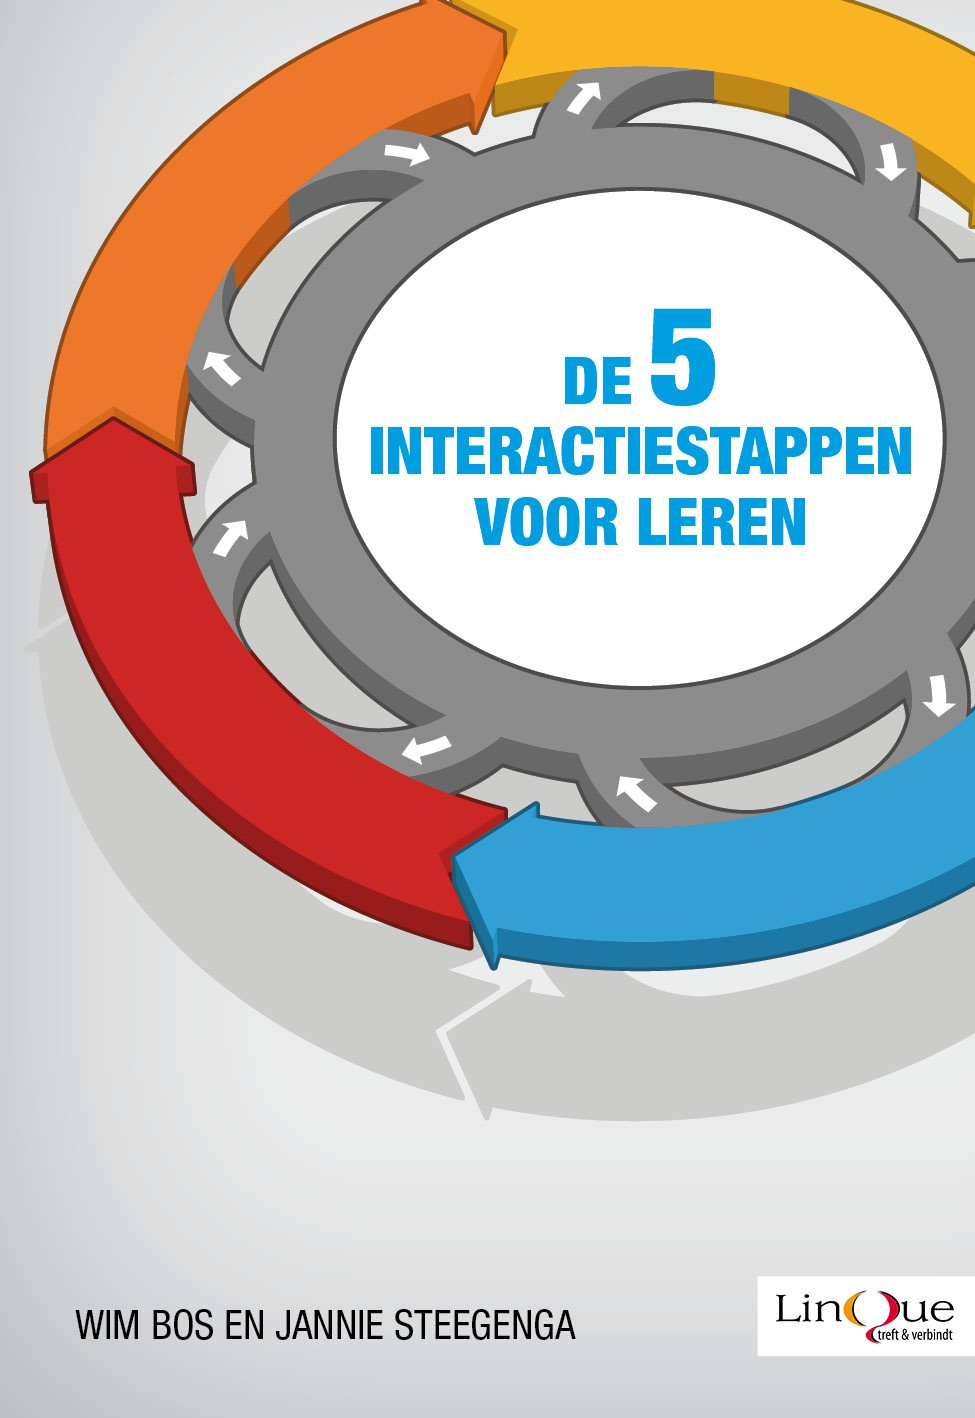 De 5 interactiestappen voor leren